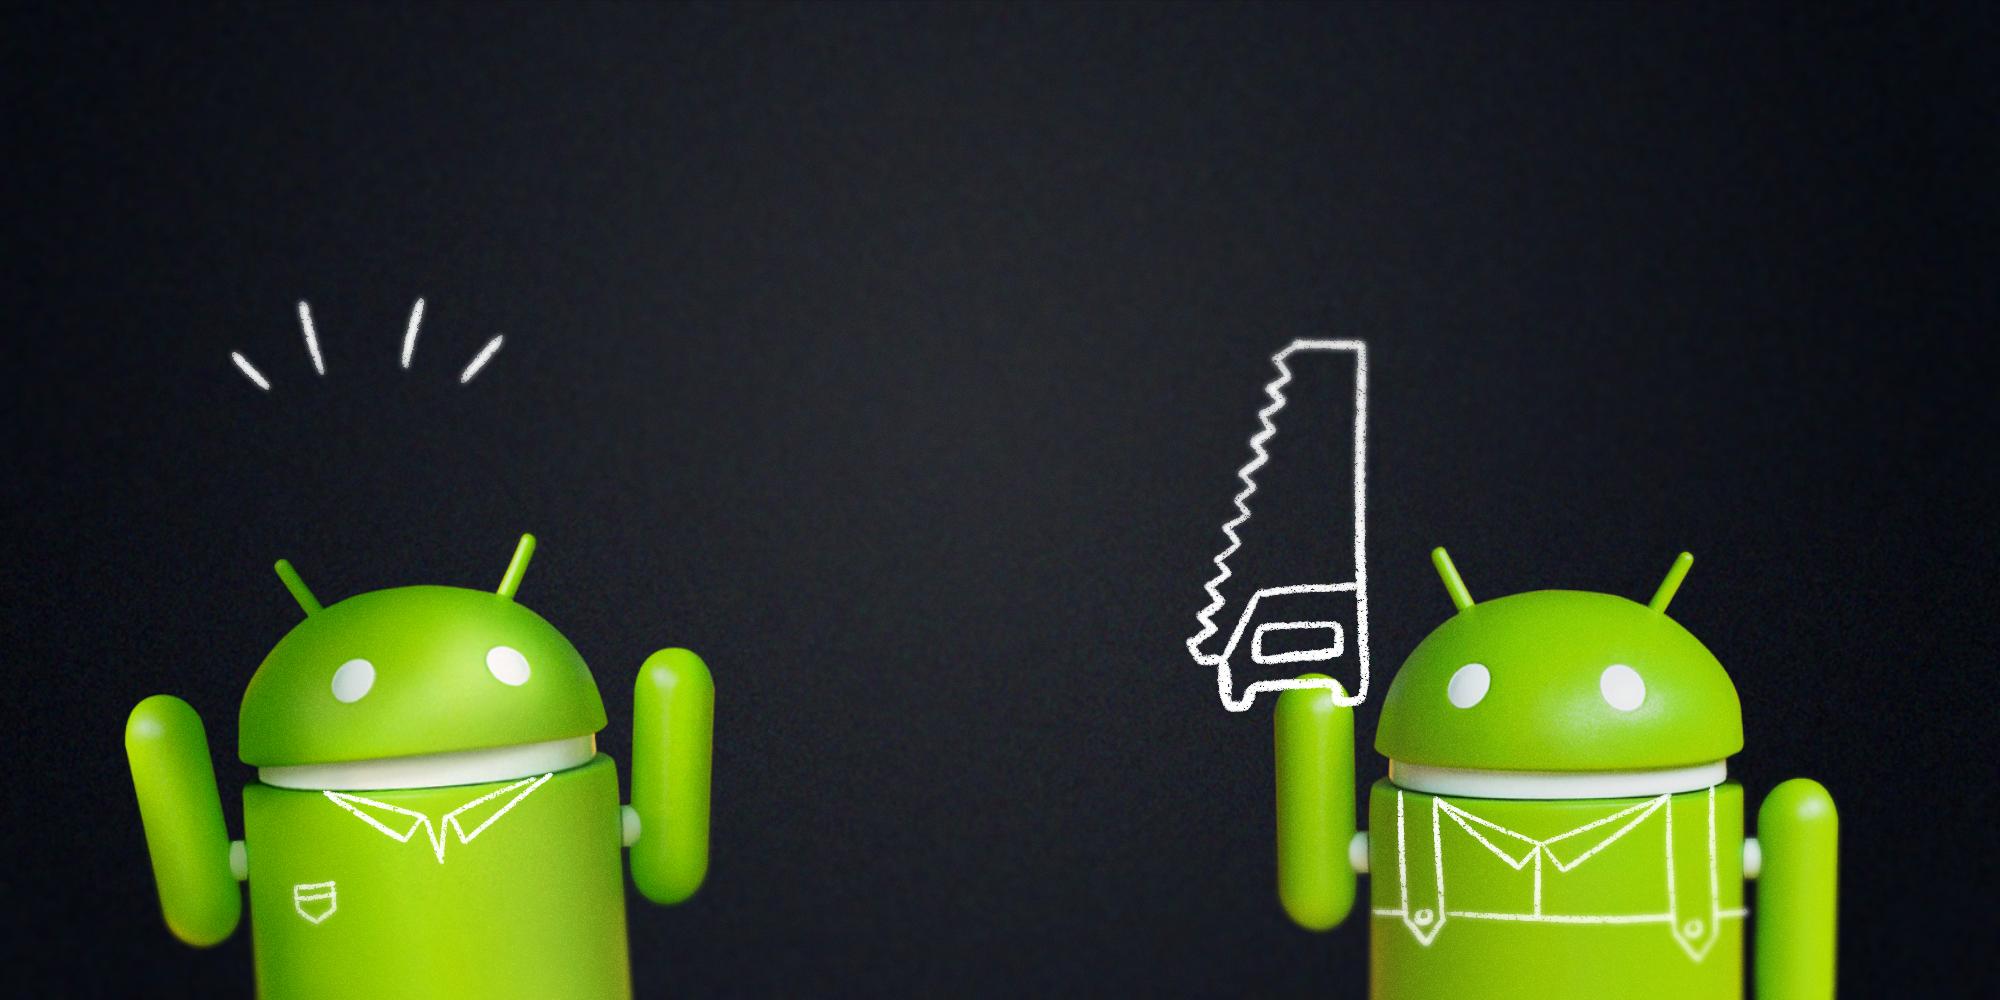 Сборка Android-приложения. Задачка со звёздочкой - 1